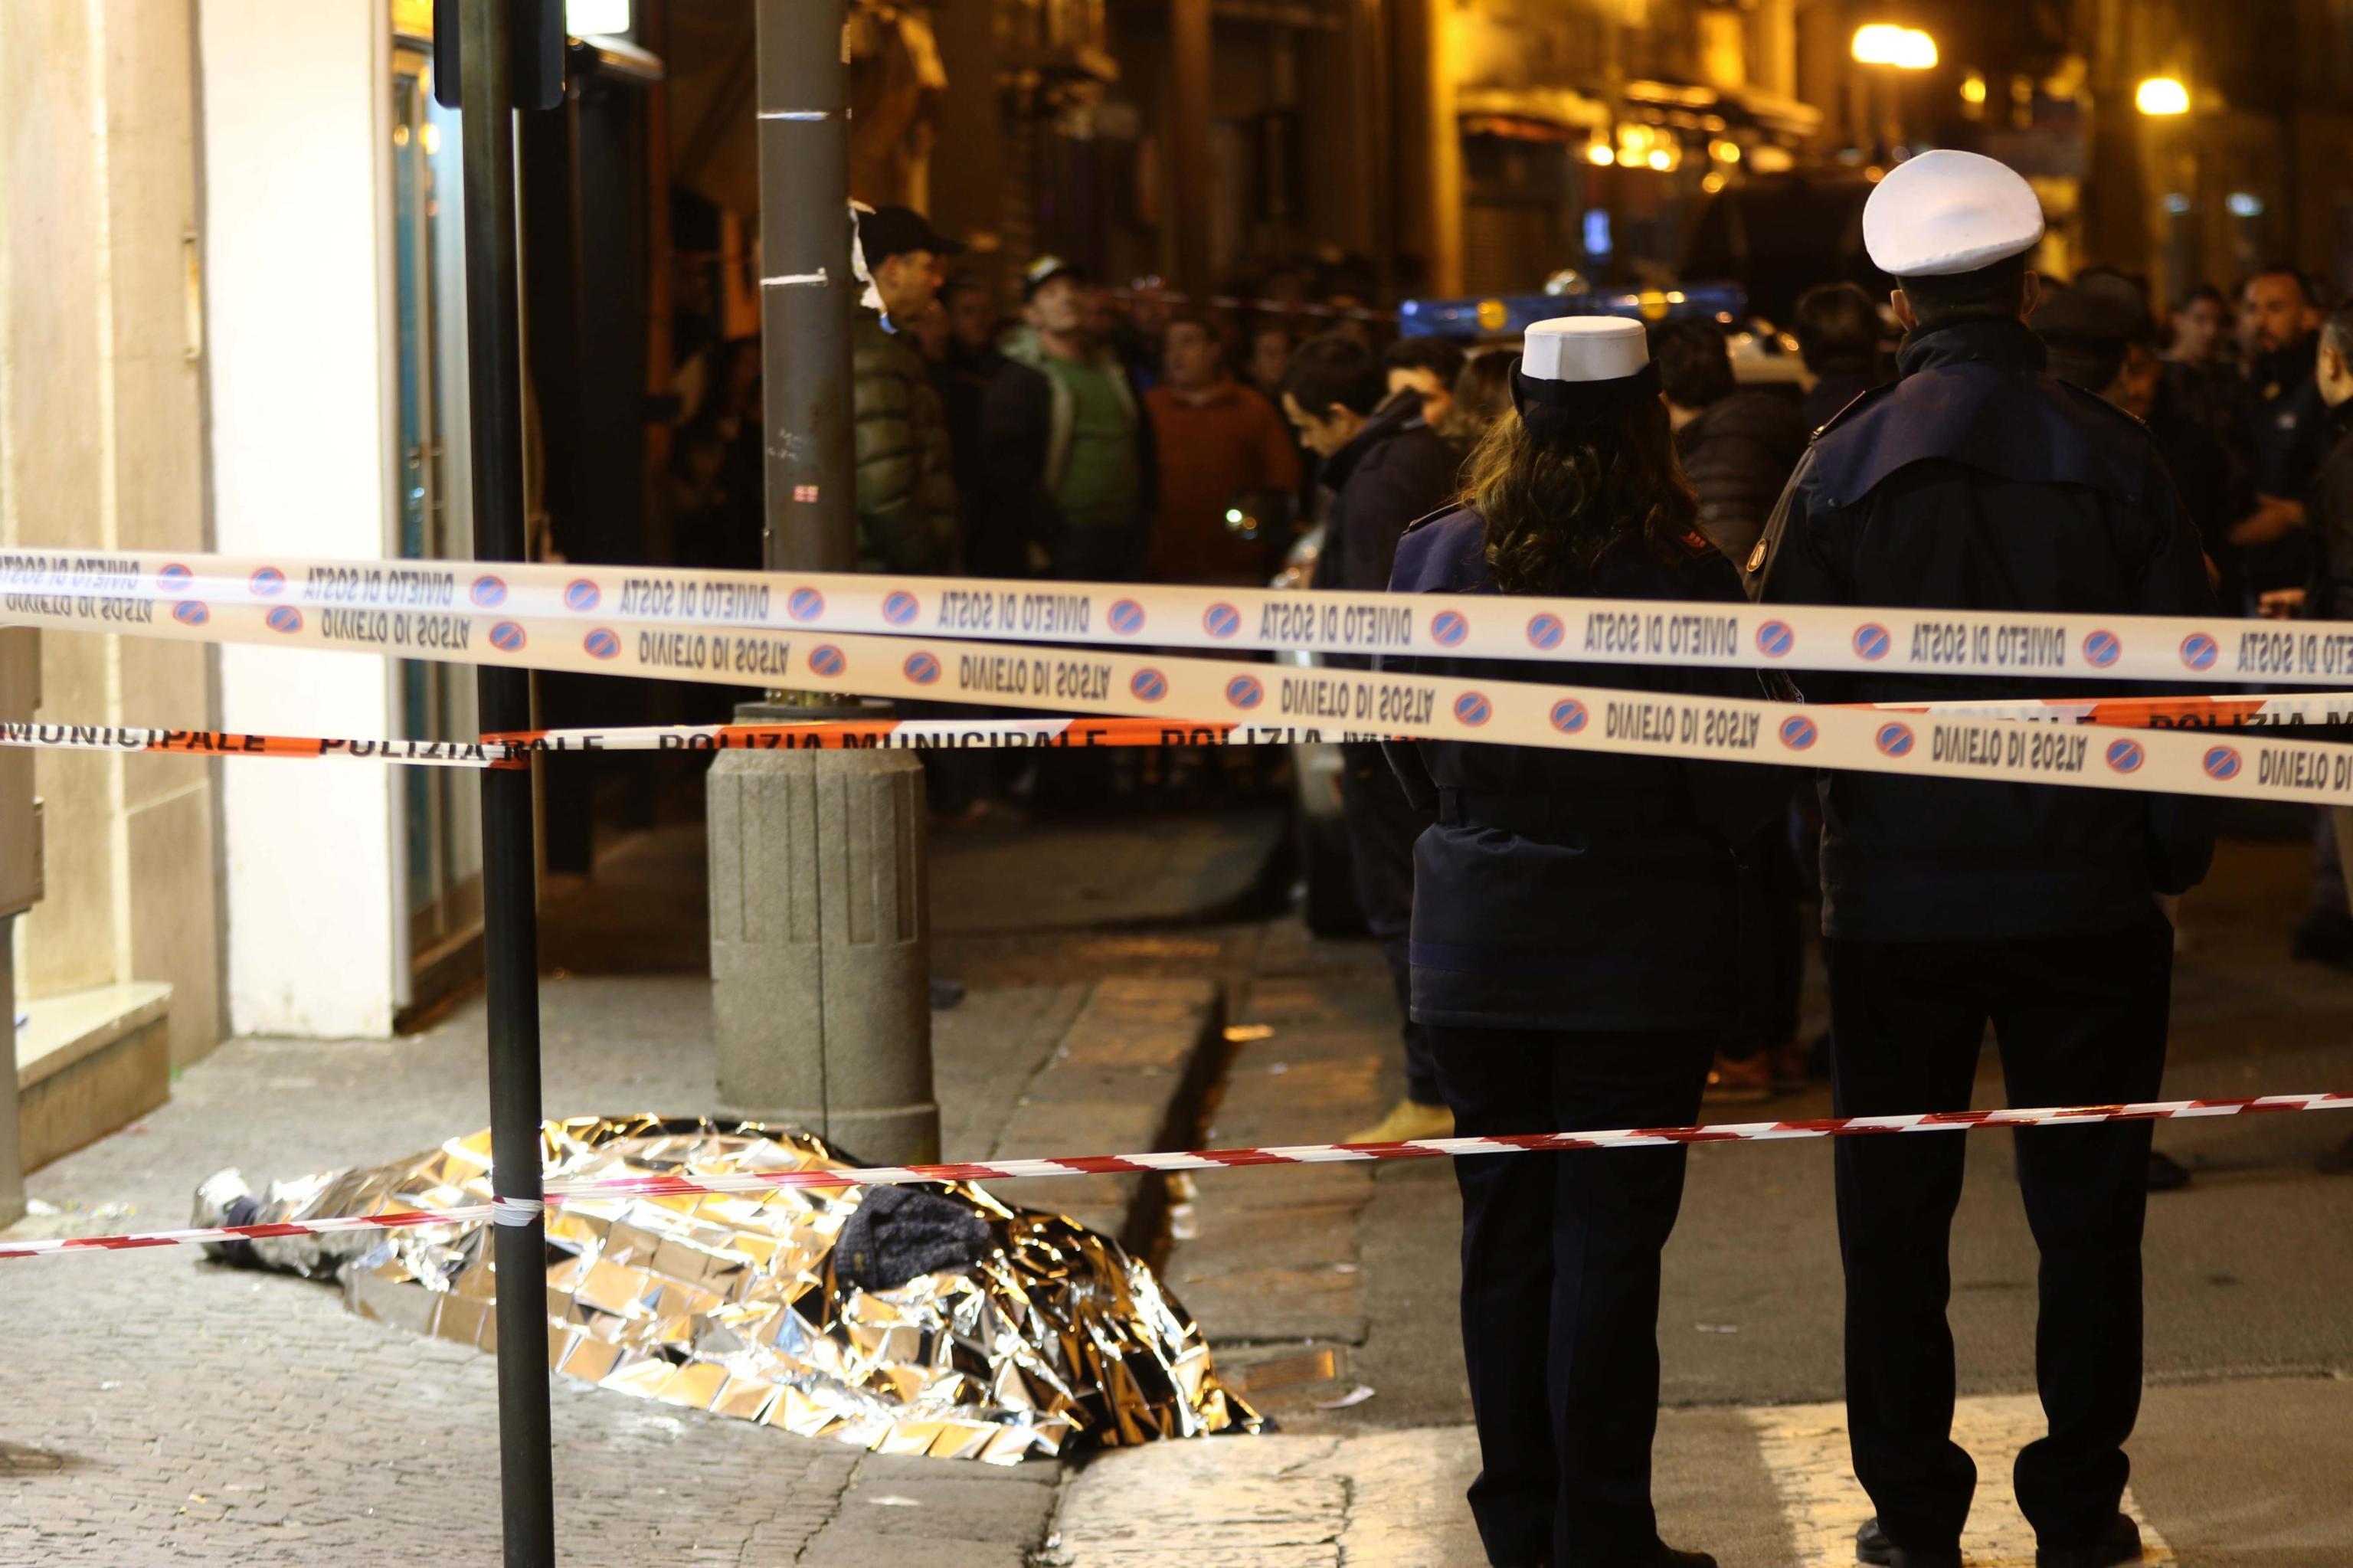 Rapina nel Napoletano, gioielliere spara e uccide bandito